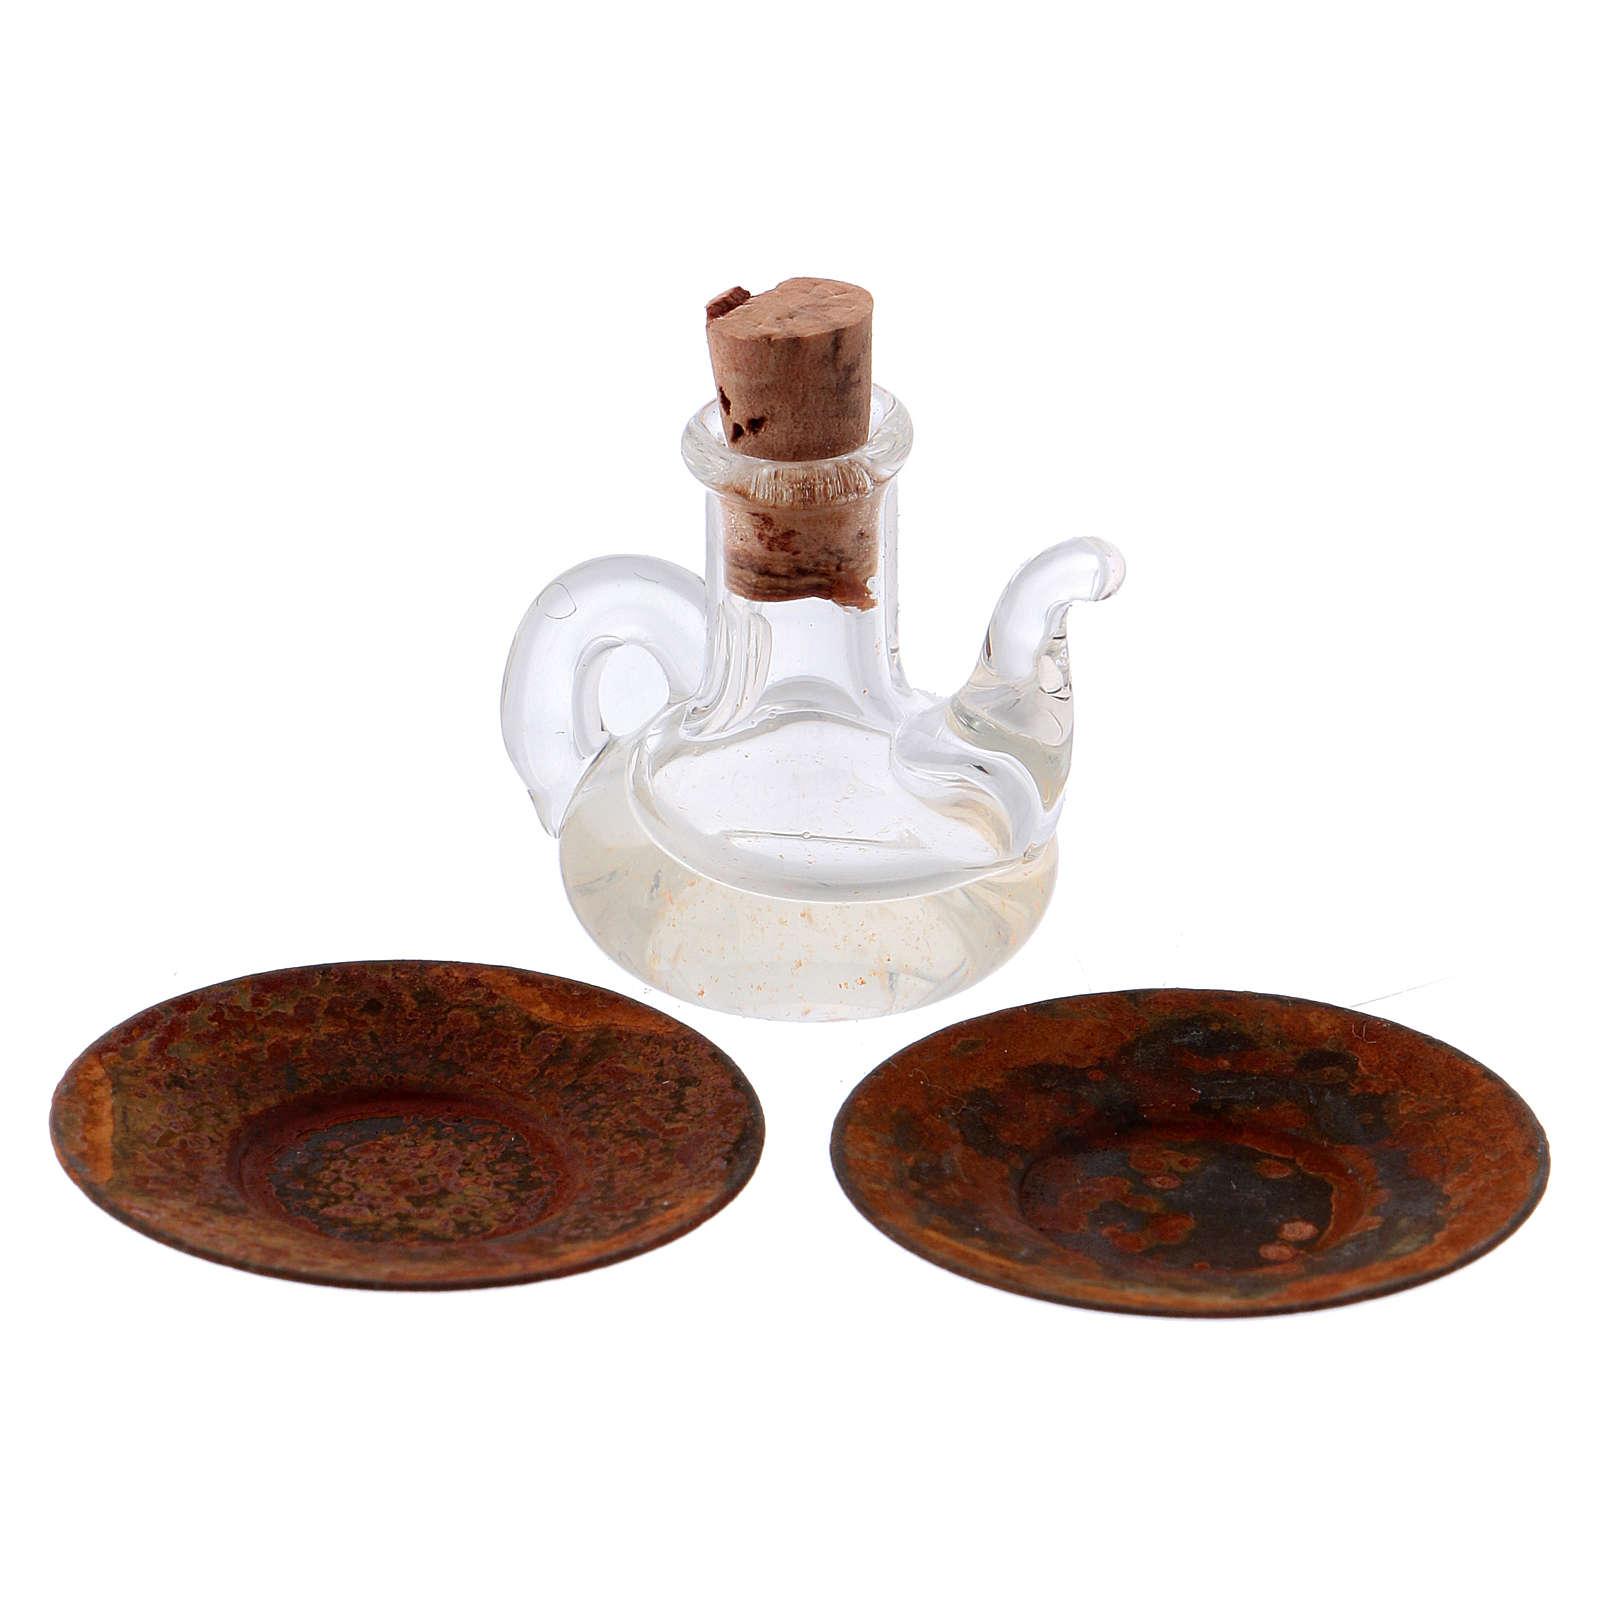 Bouteille huile olive cristal miniature crèche h réelle 2,5 cm 4